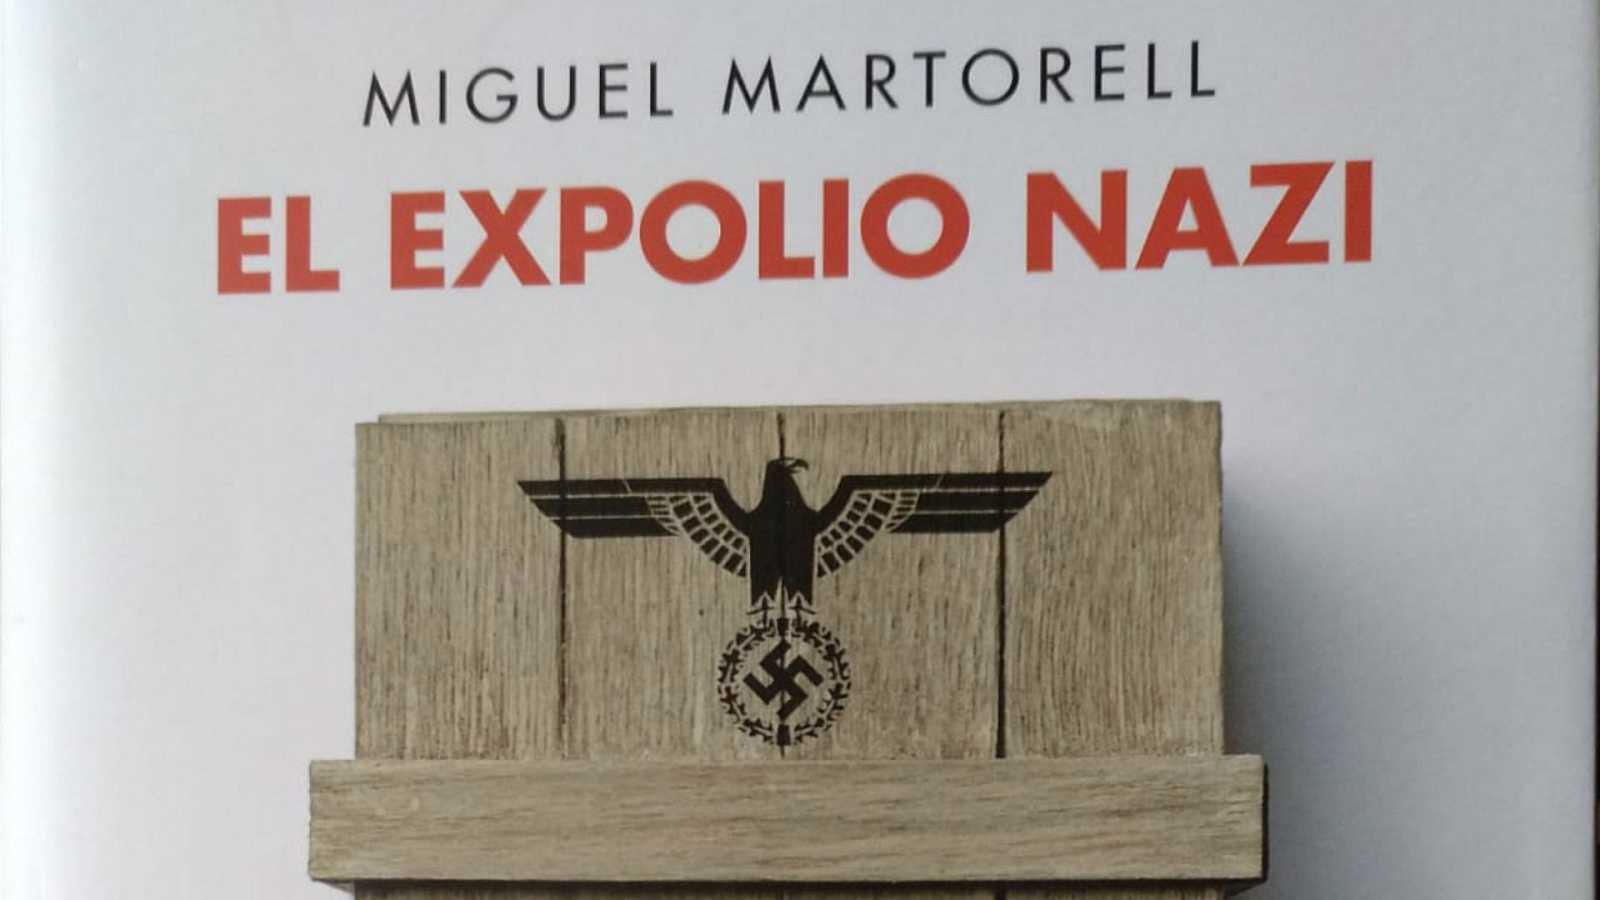 La historia de cada día - Expolio nazi - 06/06/20 - escuchar ahora